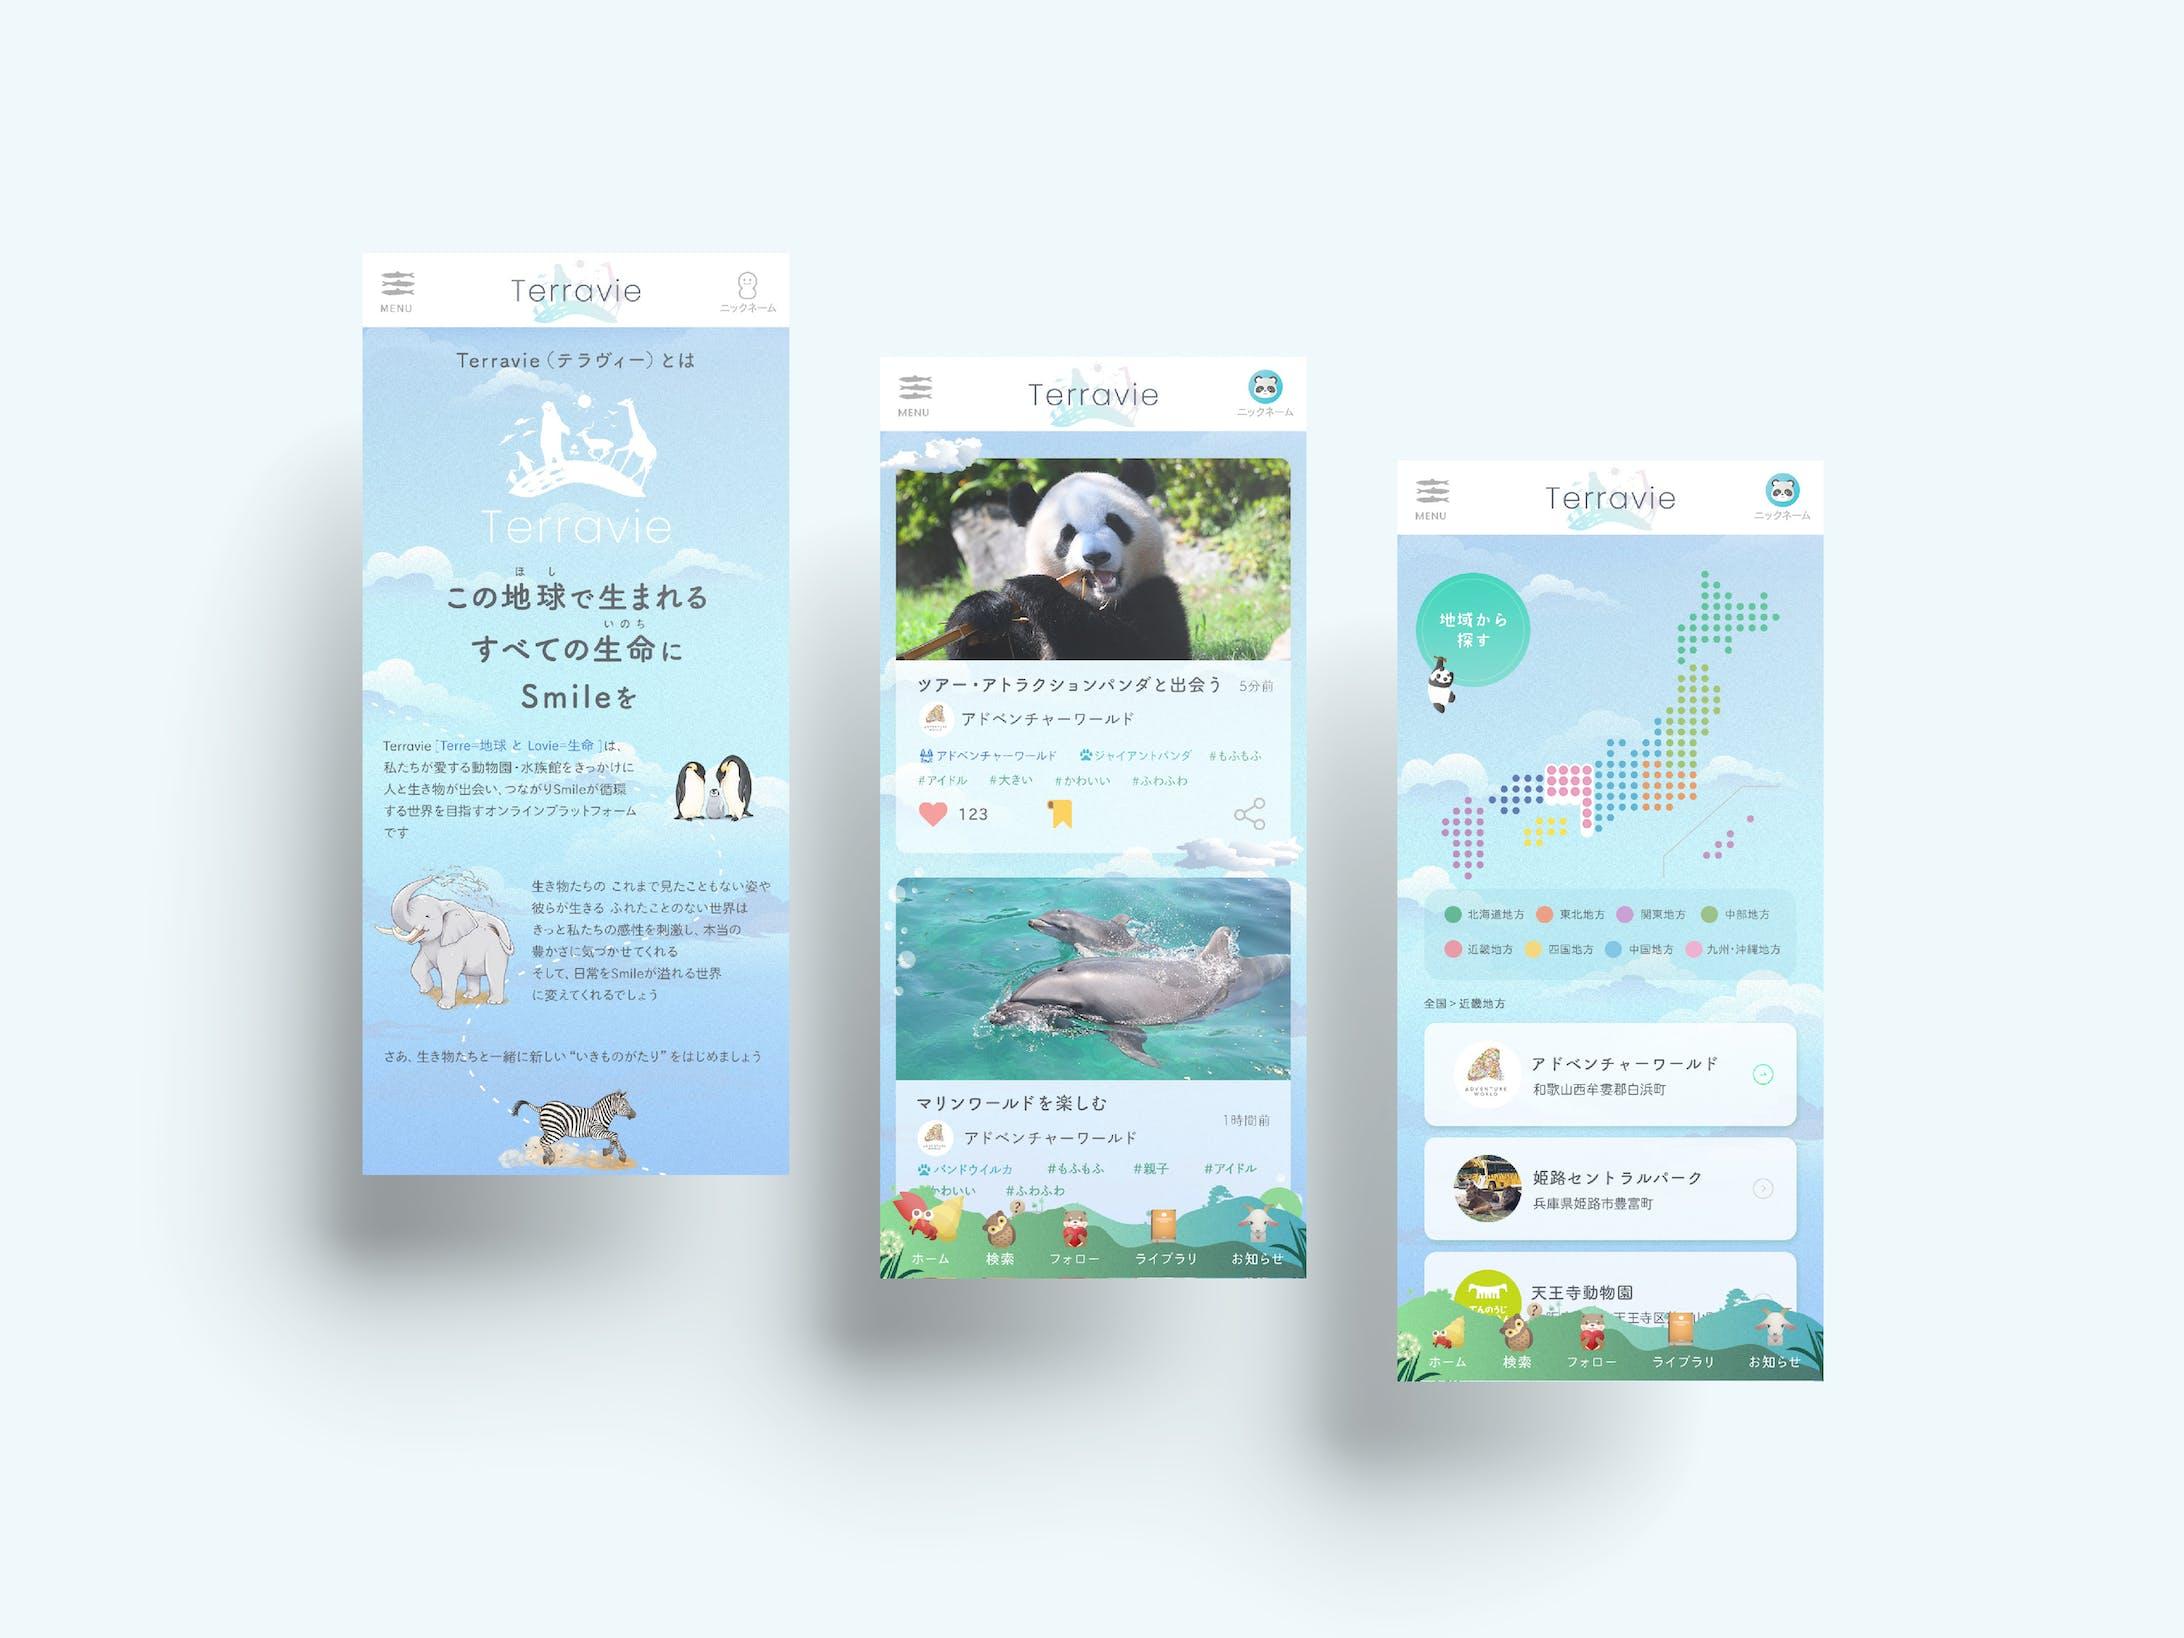 Terravie アプリ-1